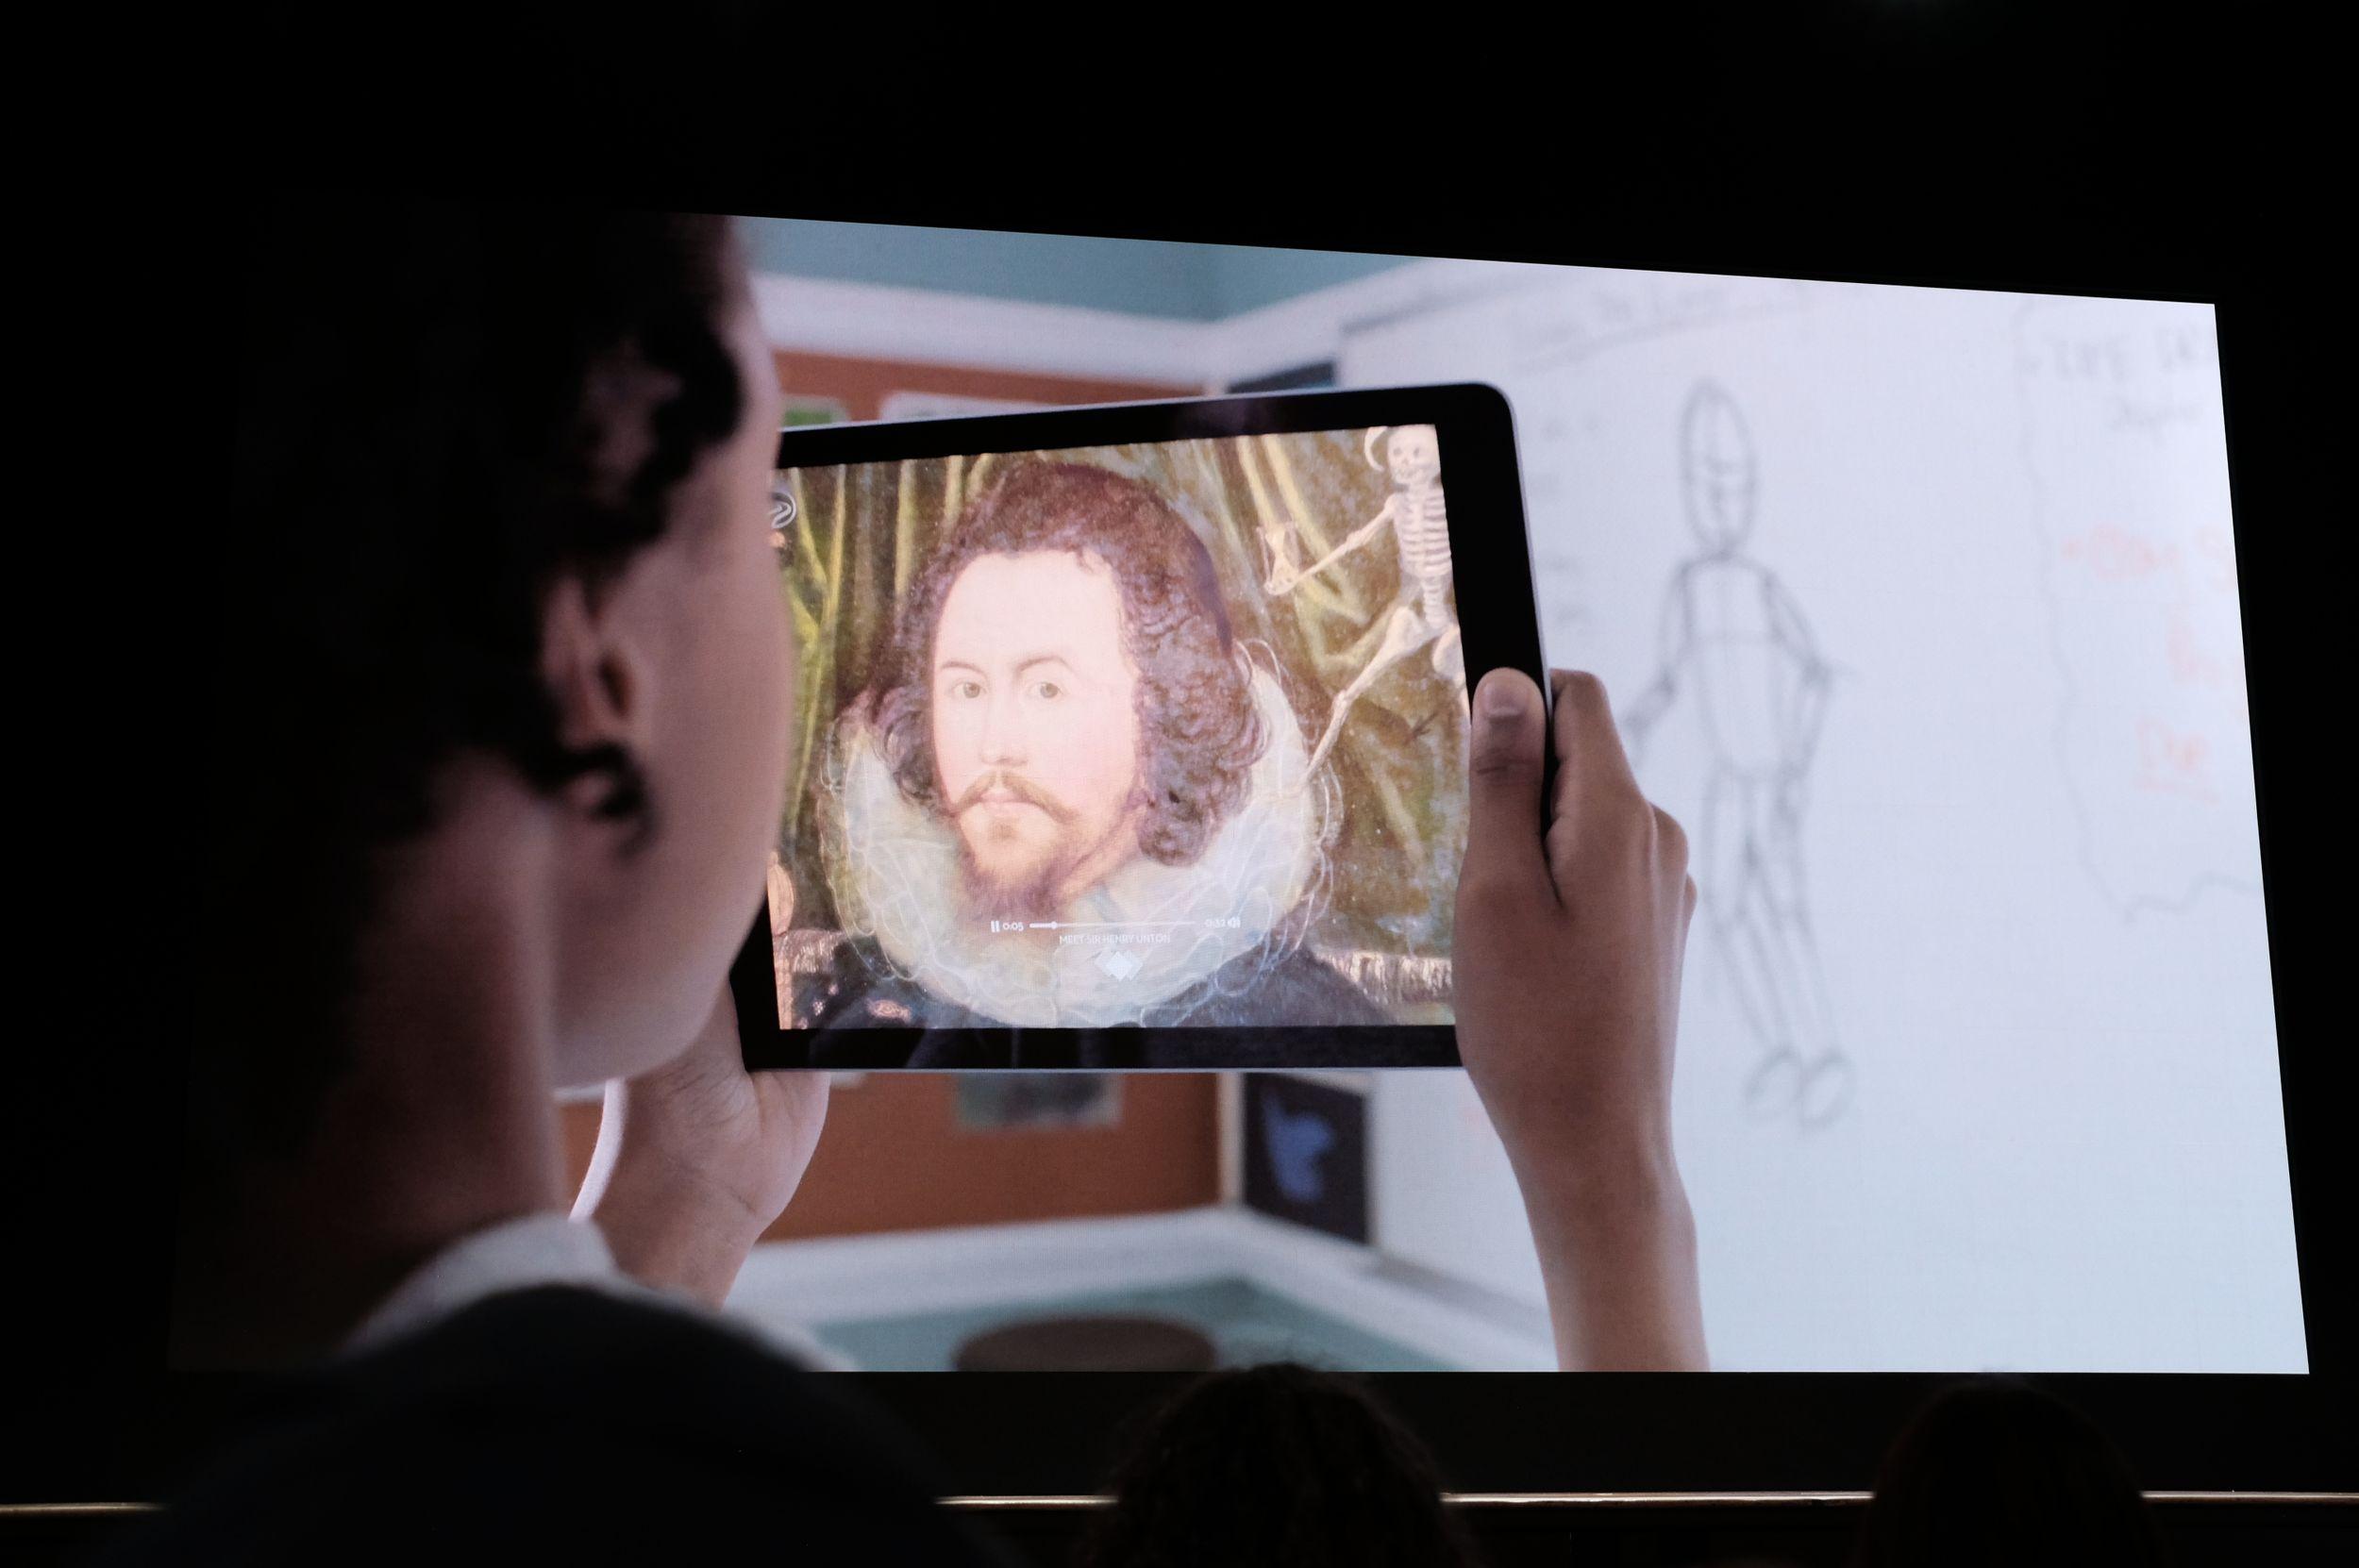 Evento Apple para educación, en directo y con el nuevo iPad 41